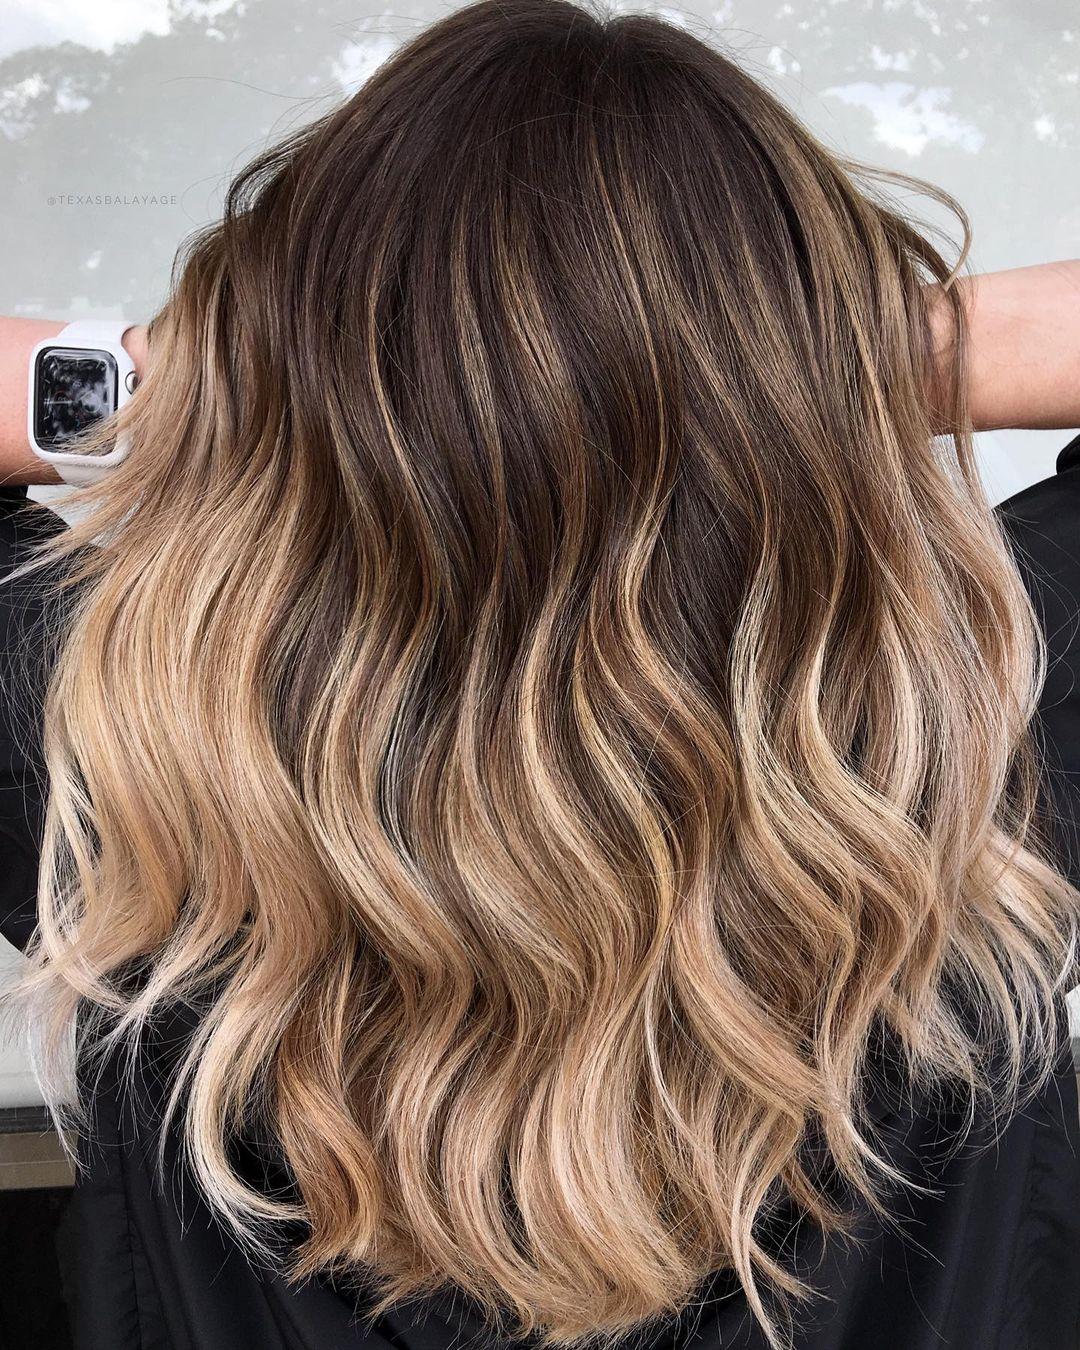 Brown Hair with Beige Blonde Streaks